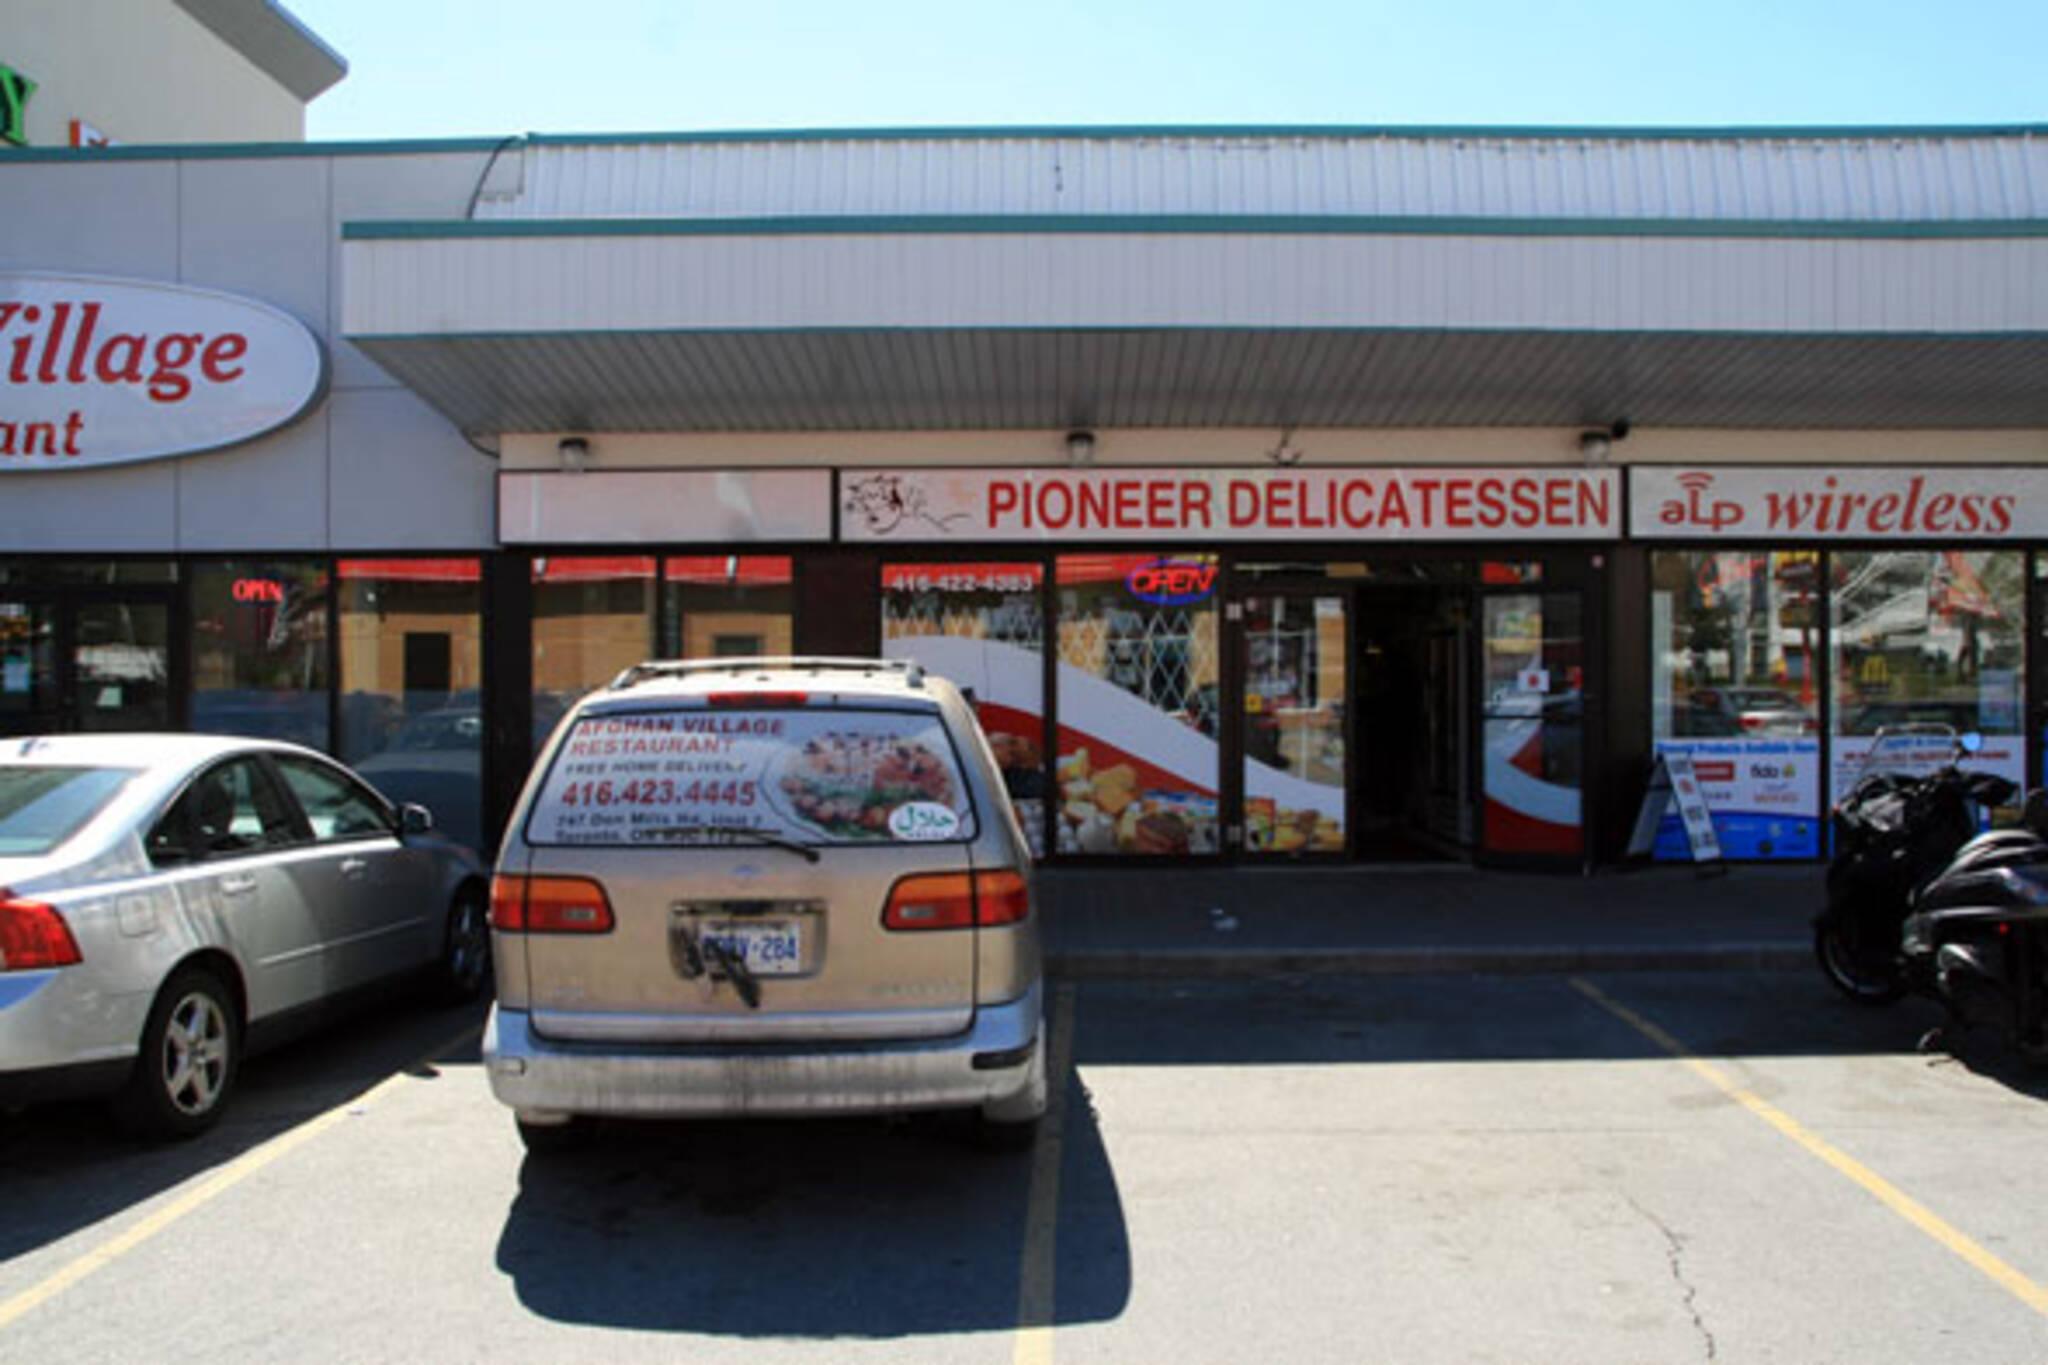 Pioneer Delicatessen